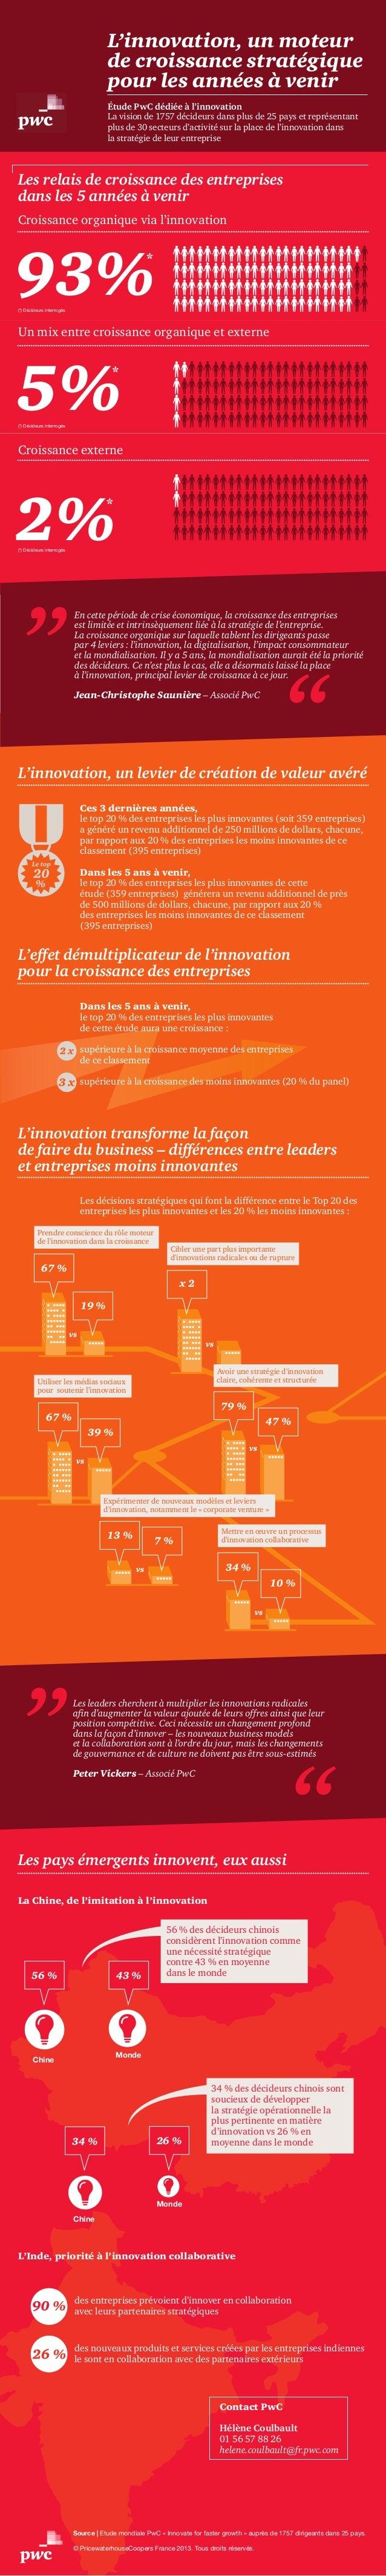 L'innovation, un moteur de croissance stratégique pour les années à venir Étude PwC dédiée à l'innovation La vision de 175...